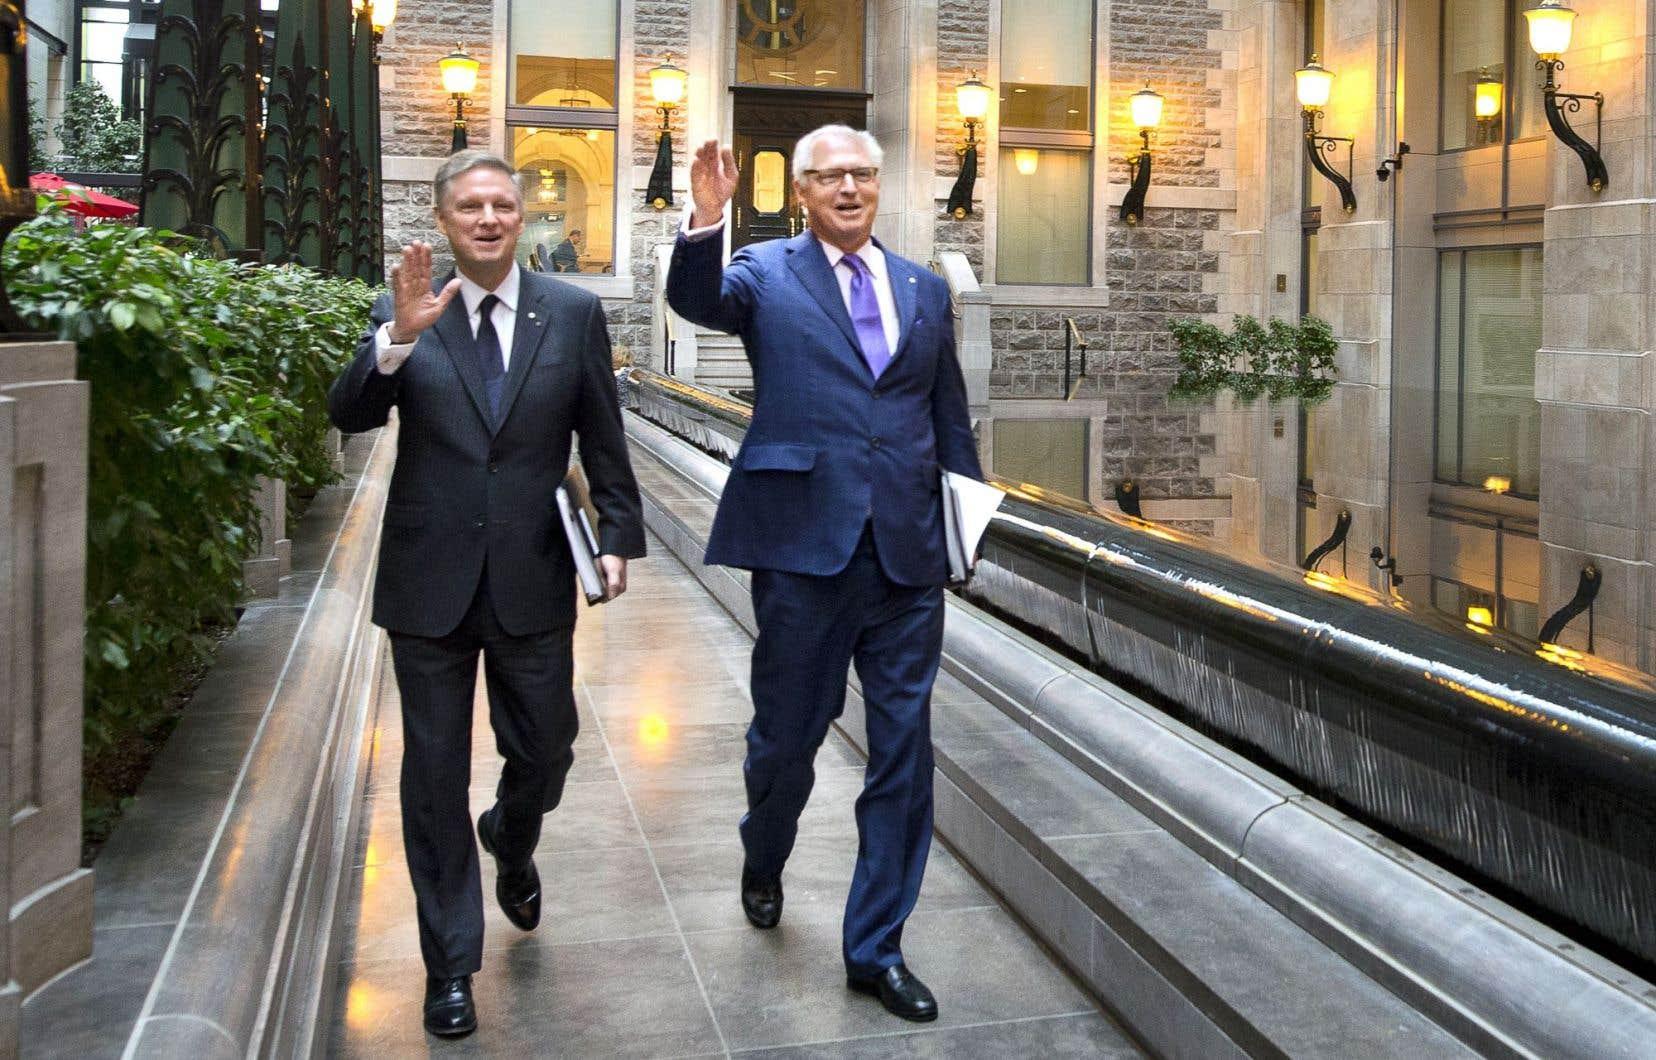 Les frères Paul et André Desmarais photographiés alors qu'ils se rendaient à l'assemblée des actionnaires de Power Corporation.